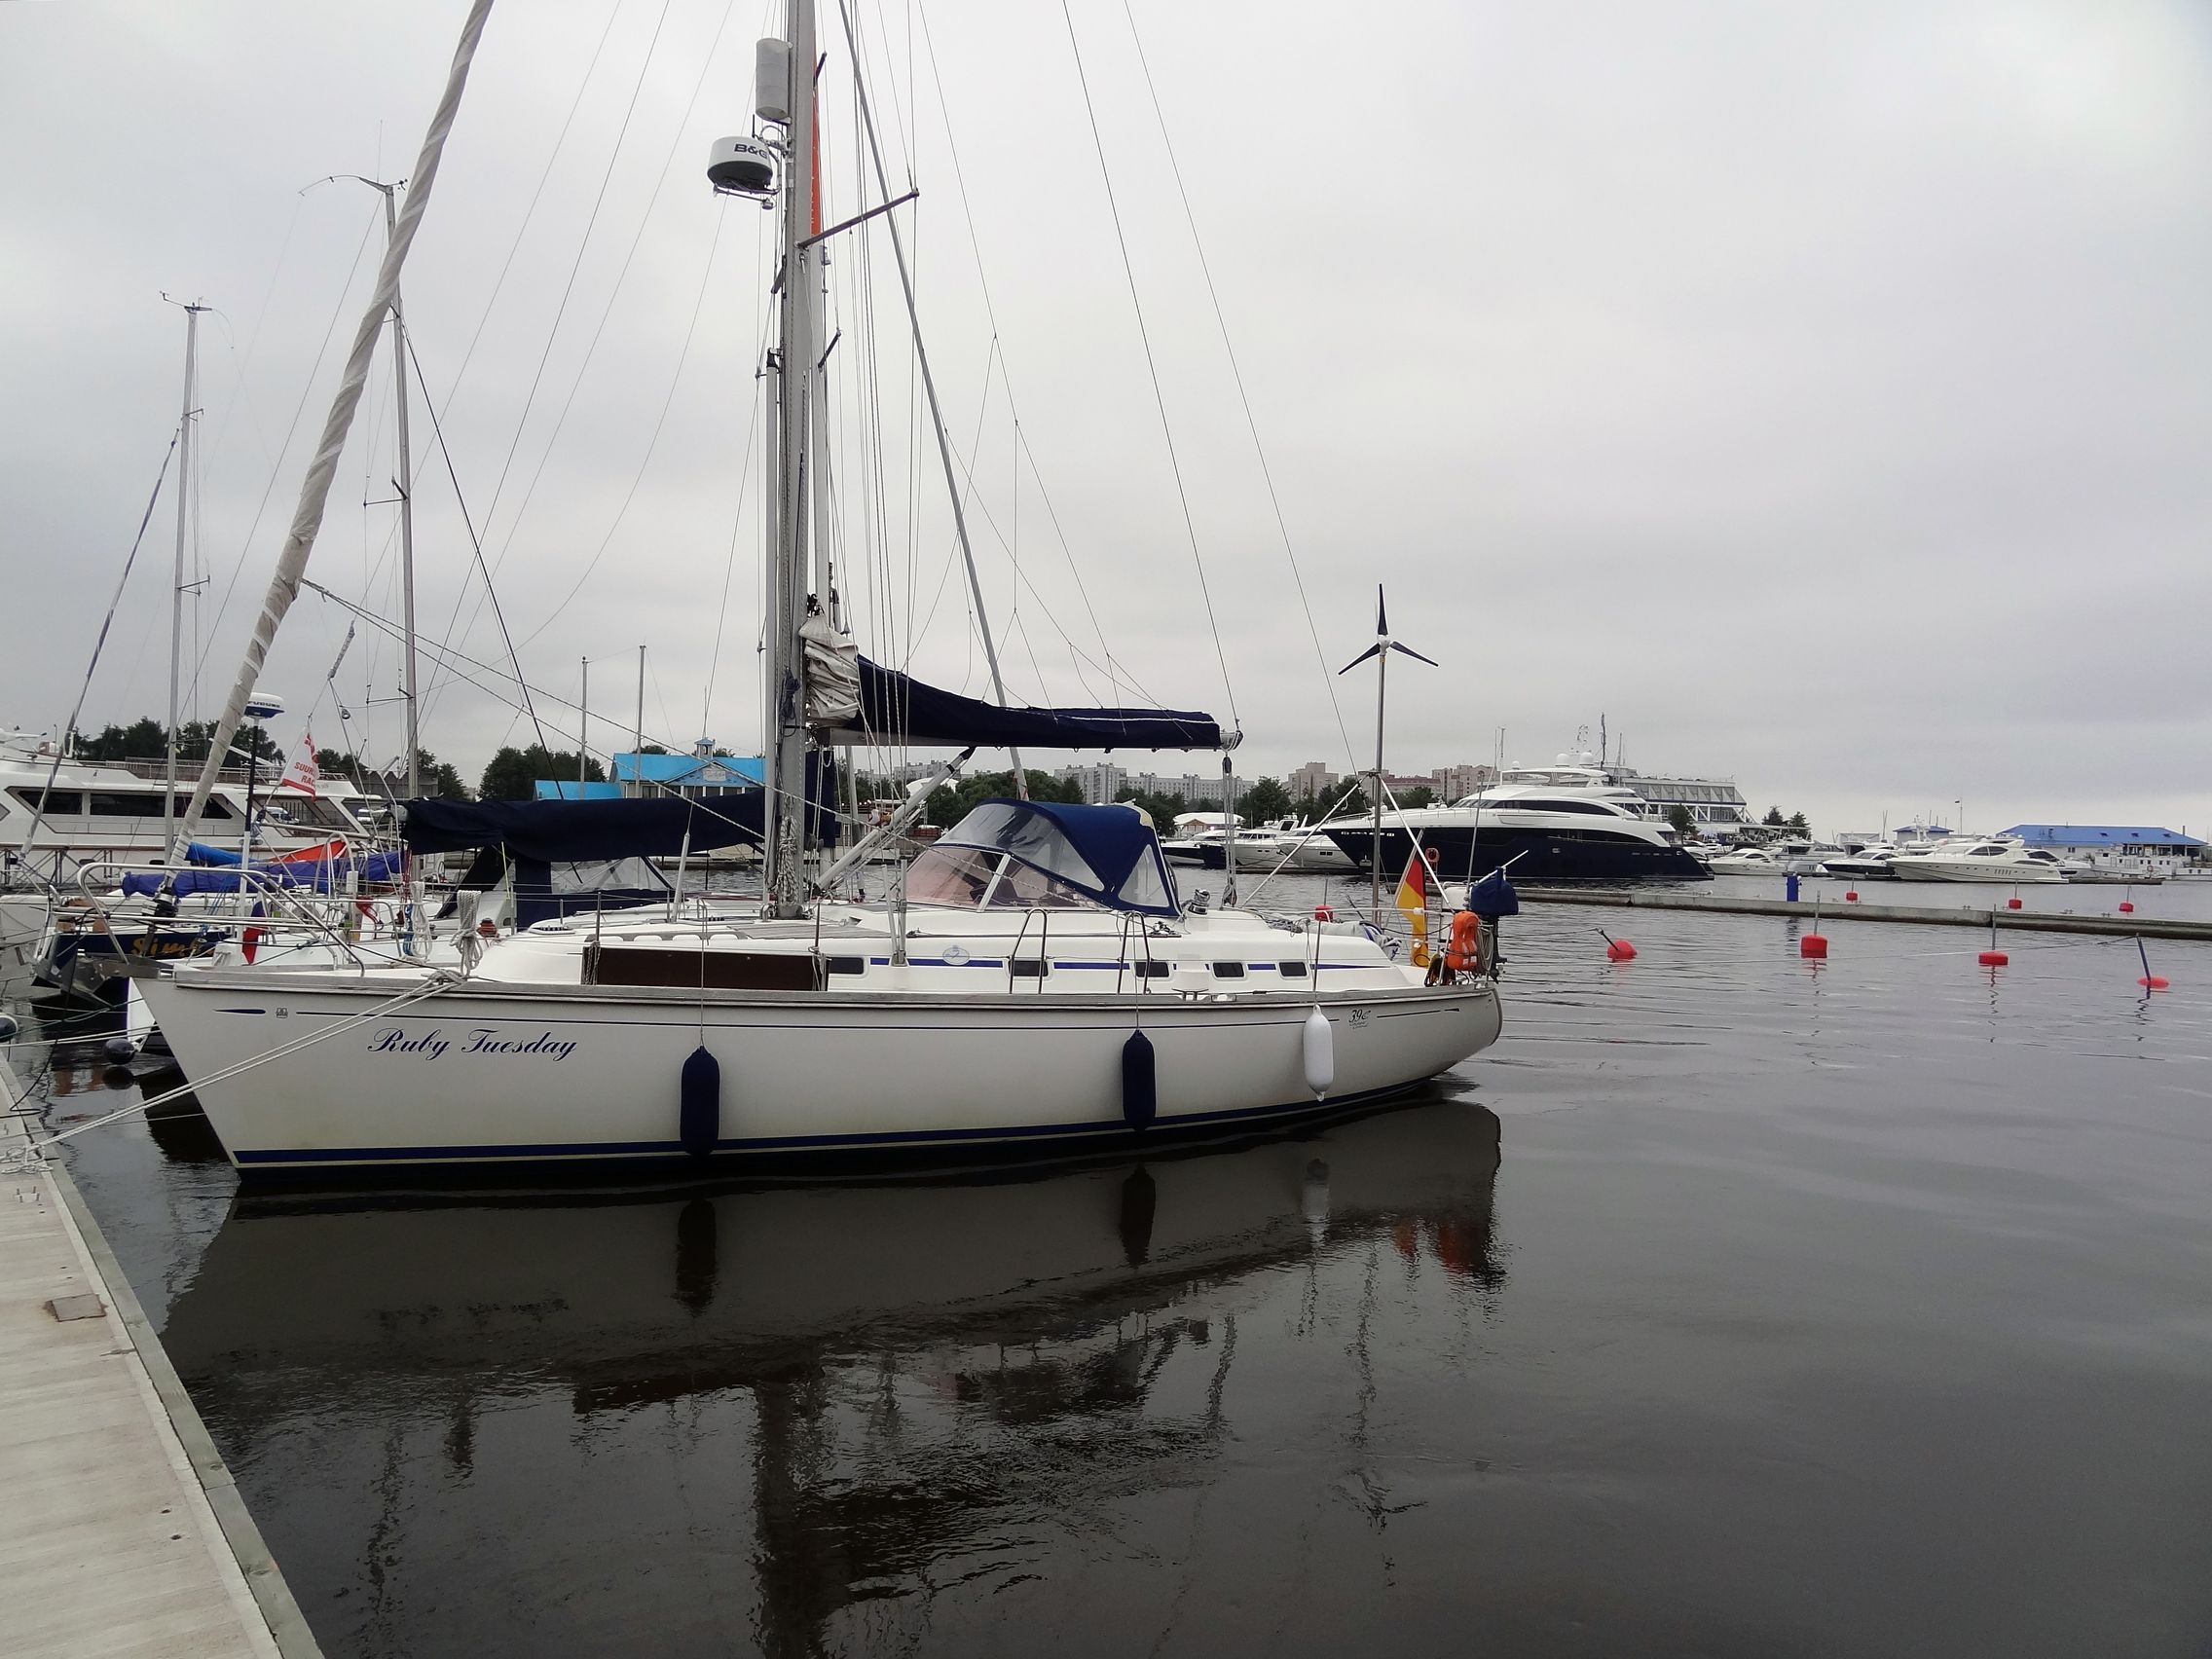 Liegeplatz im Krestovkij Yacht Club in St. Petersburg